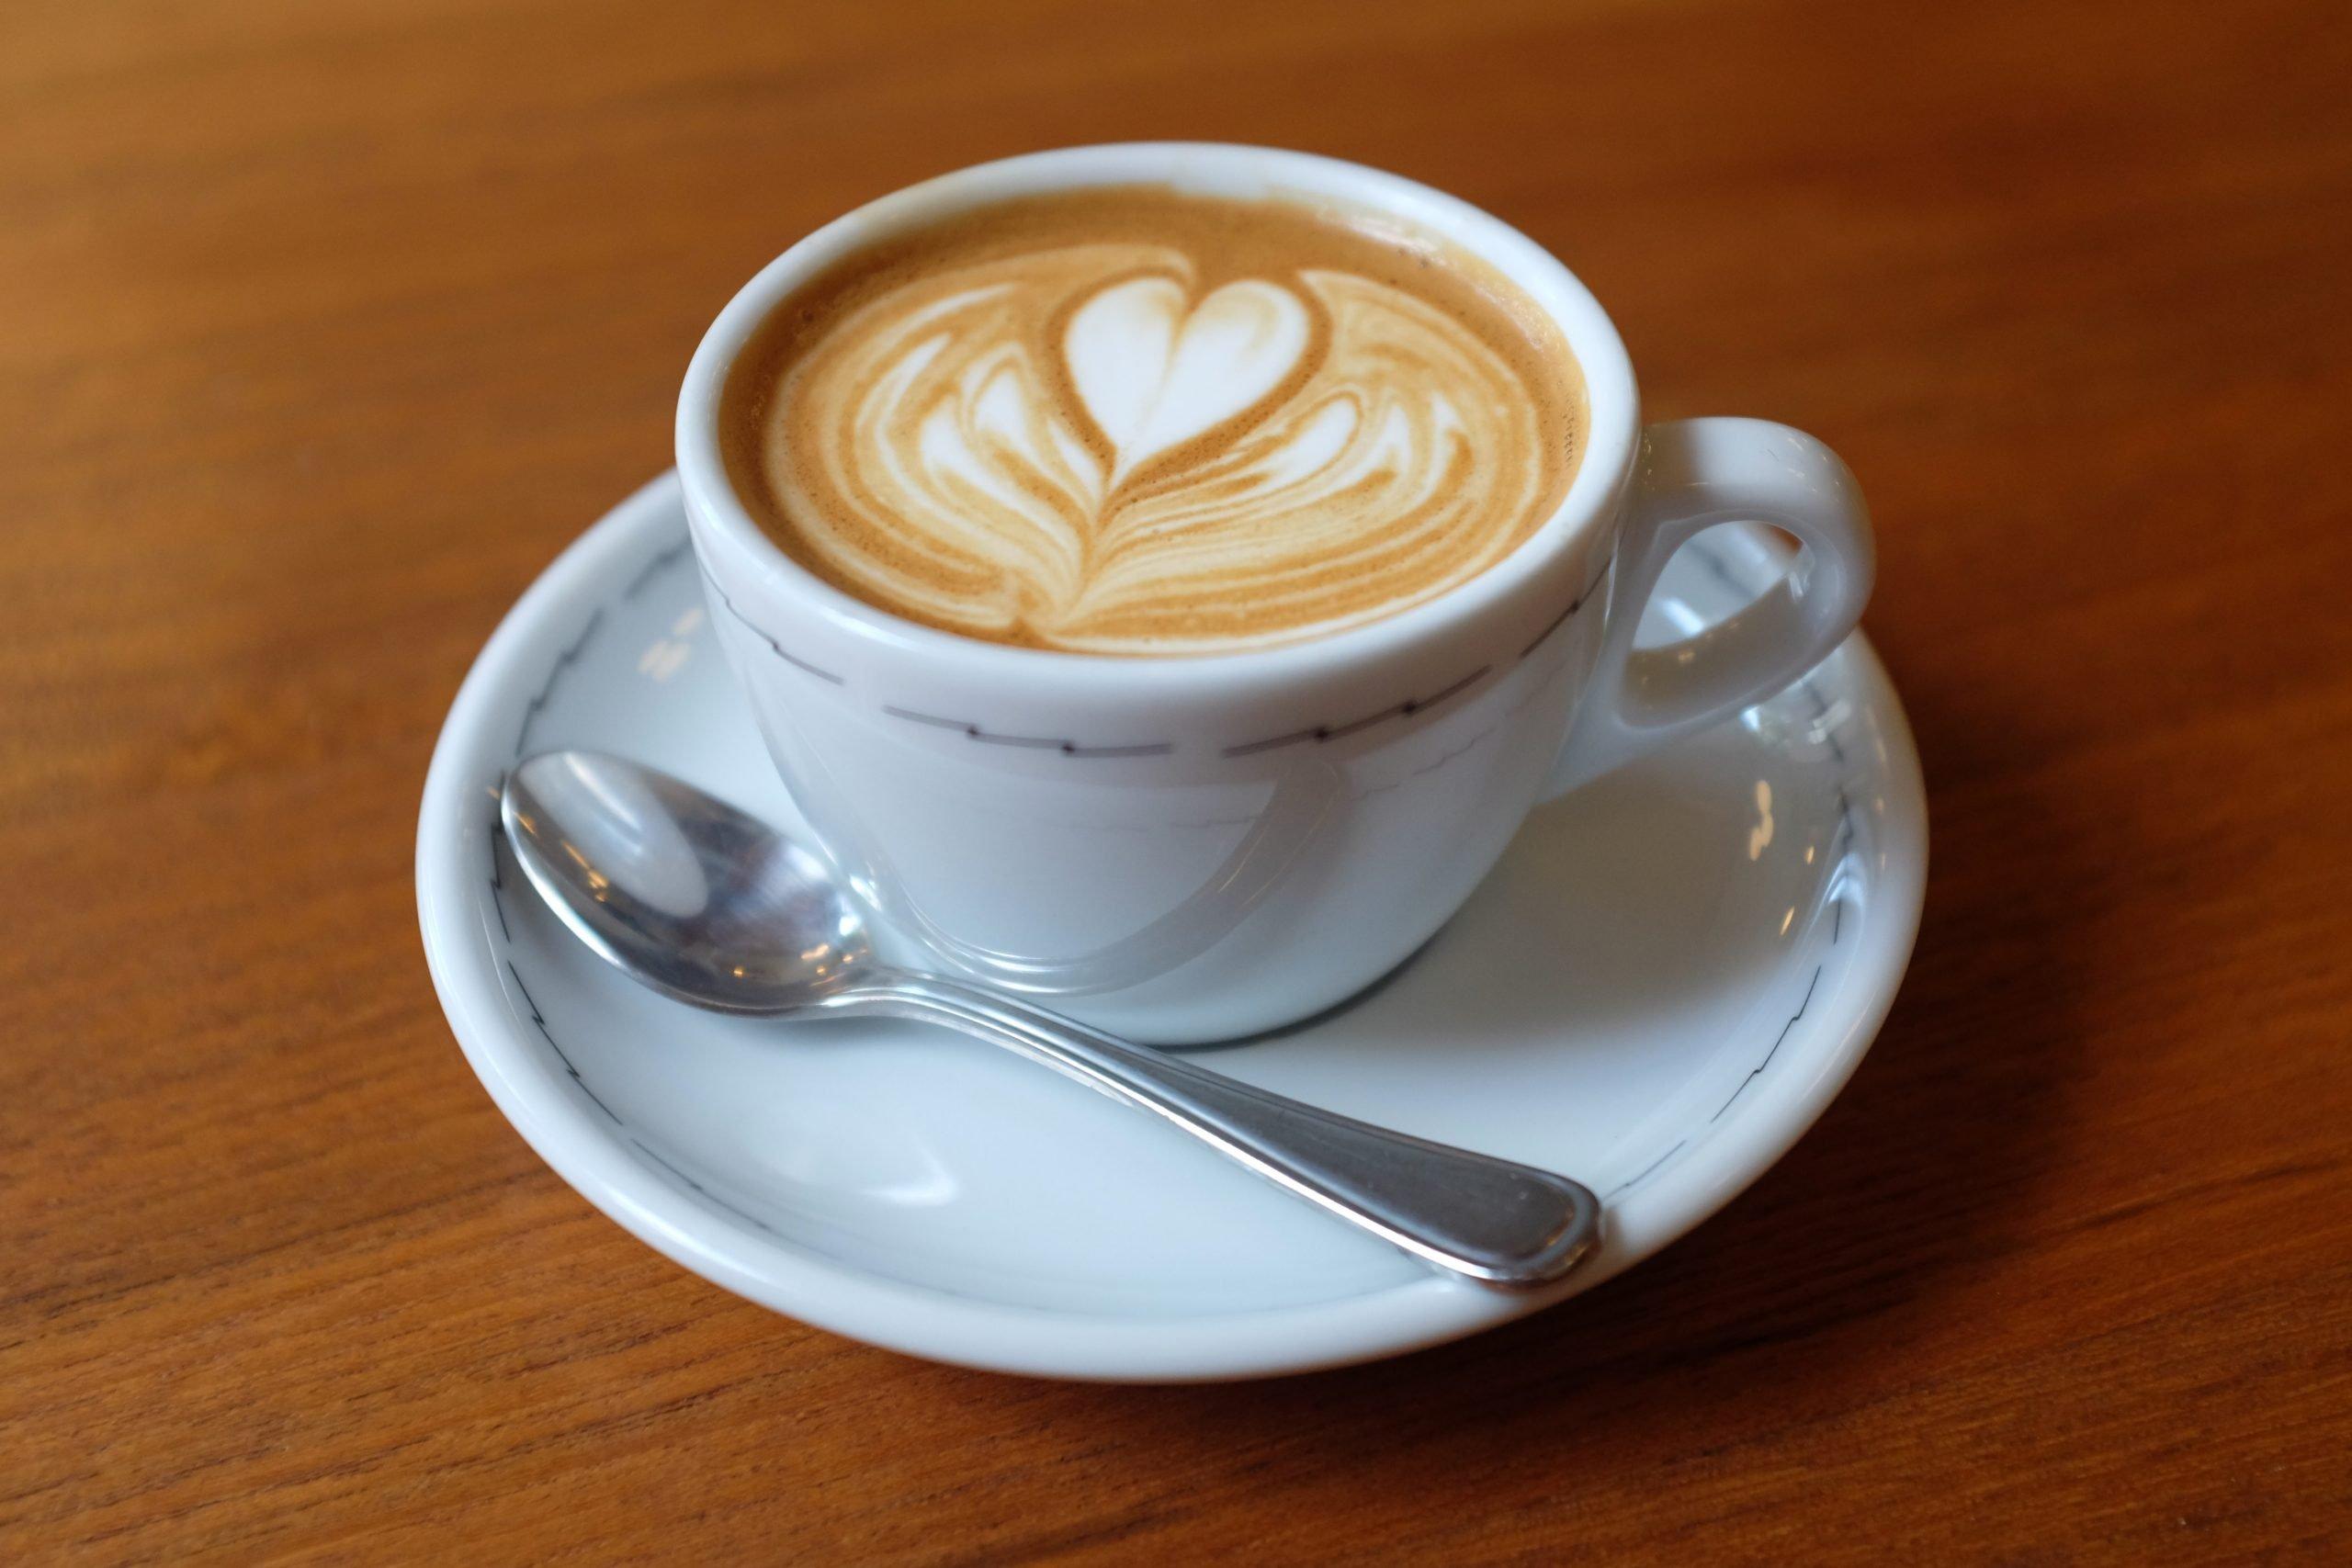 Cappuccino là gì? Nguồn gốc của cà phê Cappuccino?